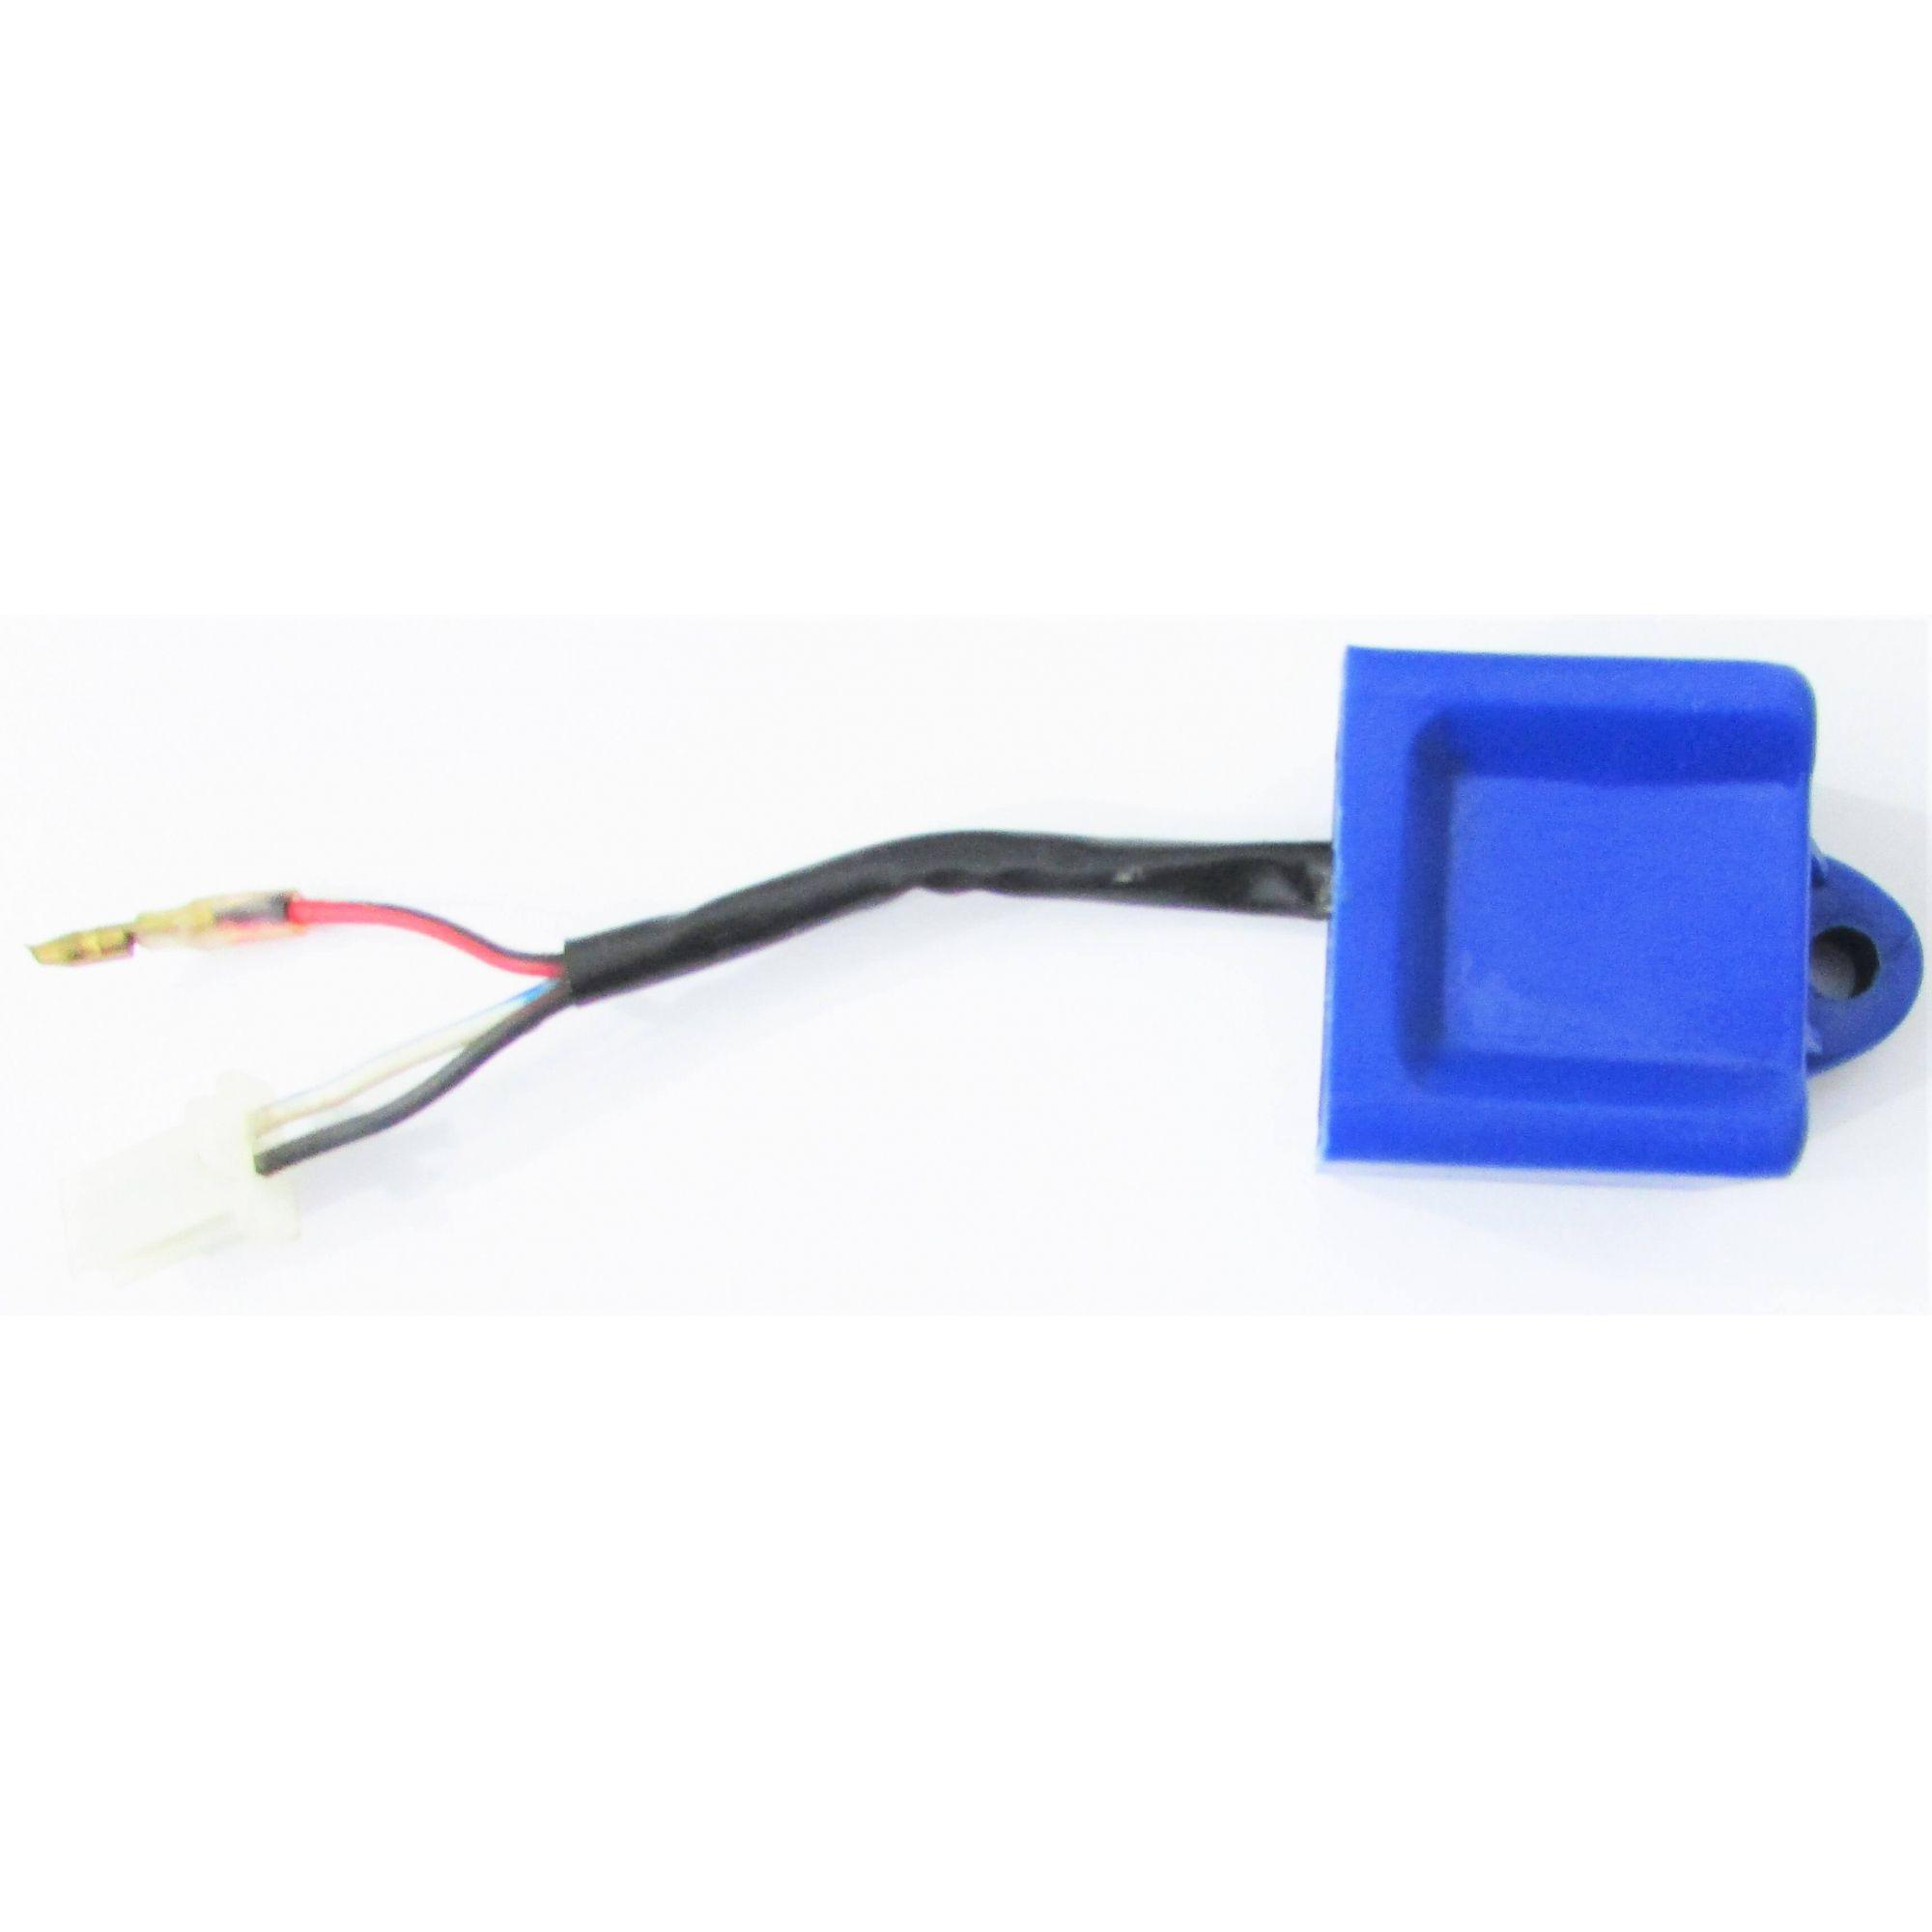 Central da Ignição CDI Modelo Similar Original Sundown SCOOTER PALIO 50cc (caixa azul c/ 3 fios)